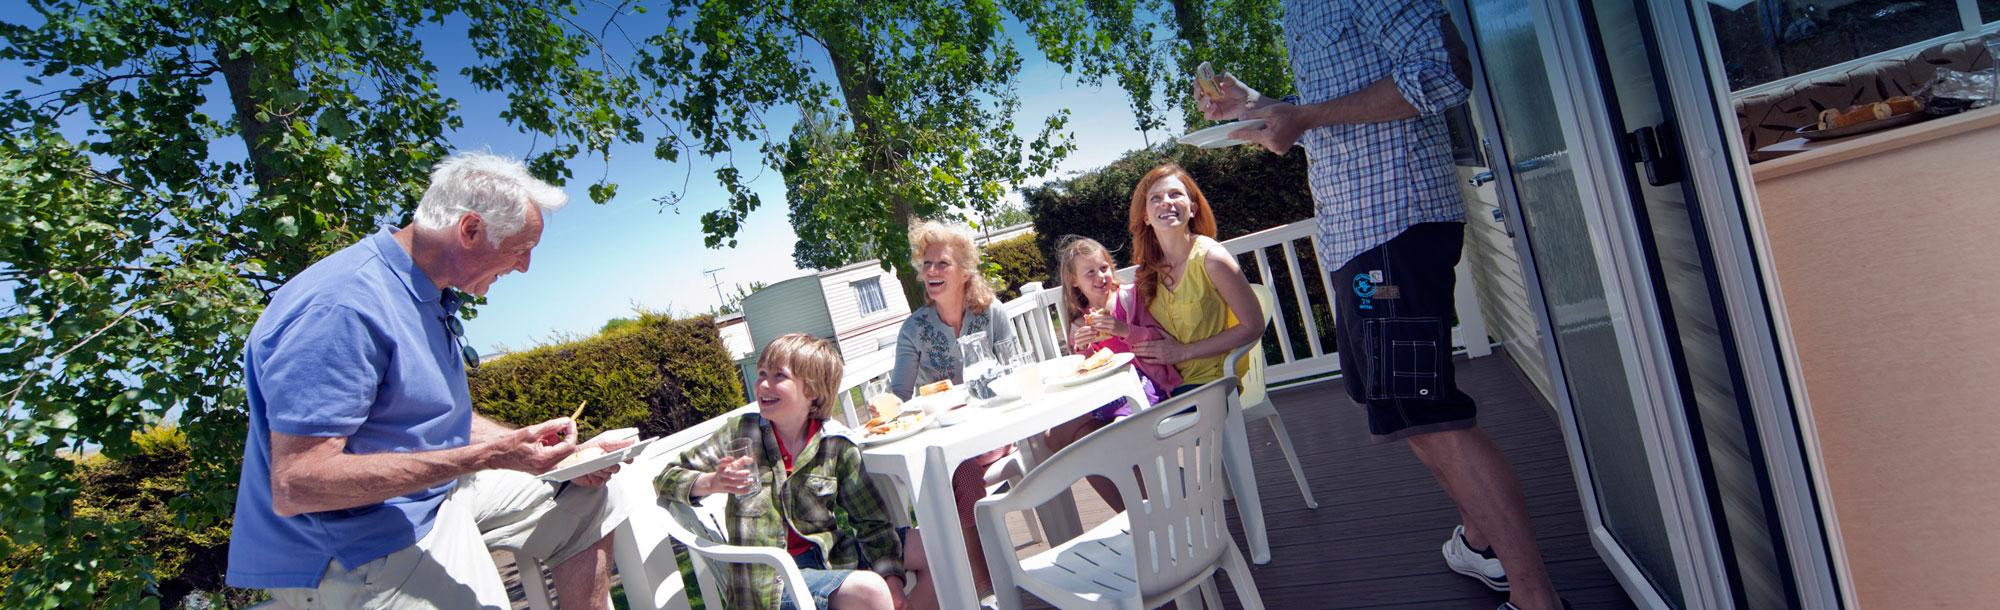 Caravan holidays Essex - Luxury family holidays